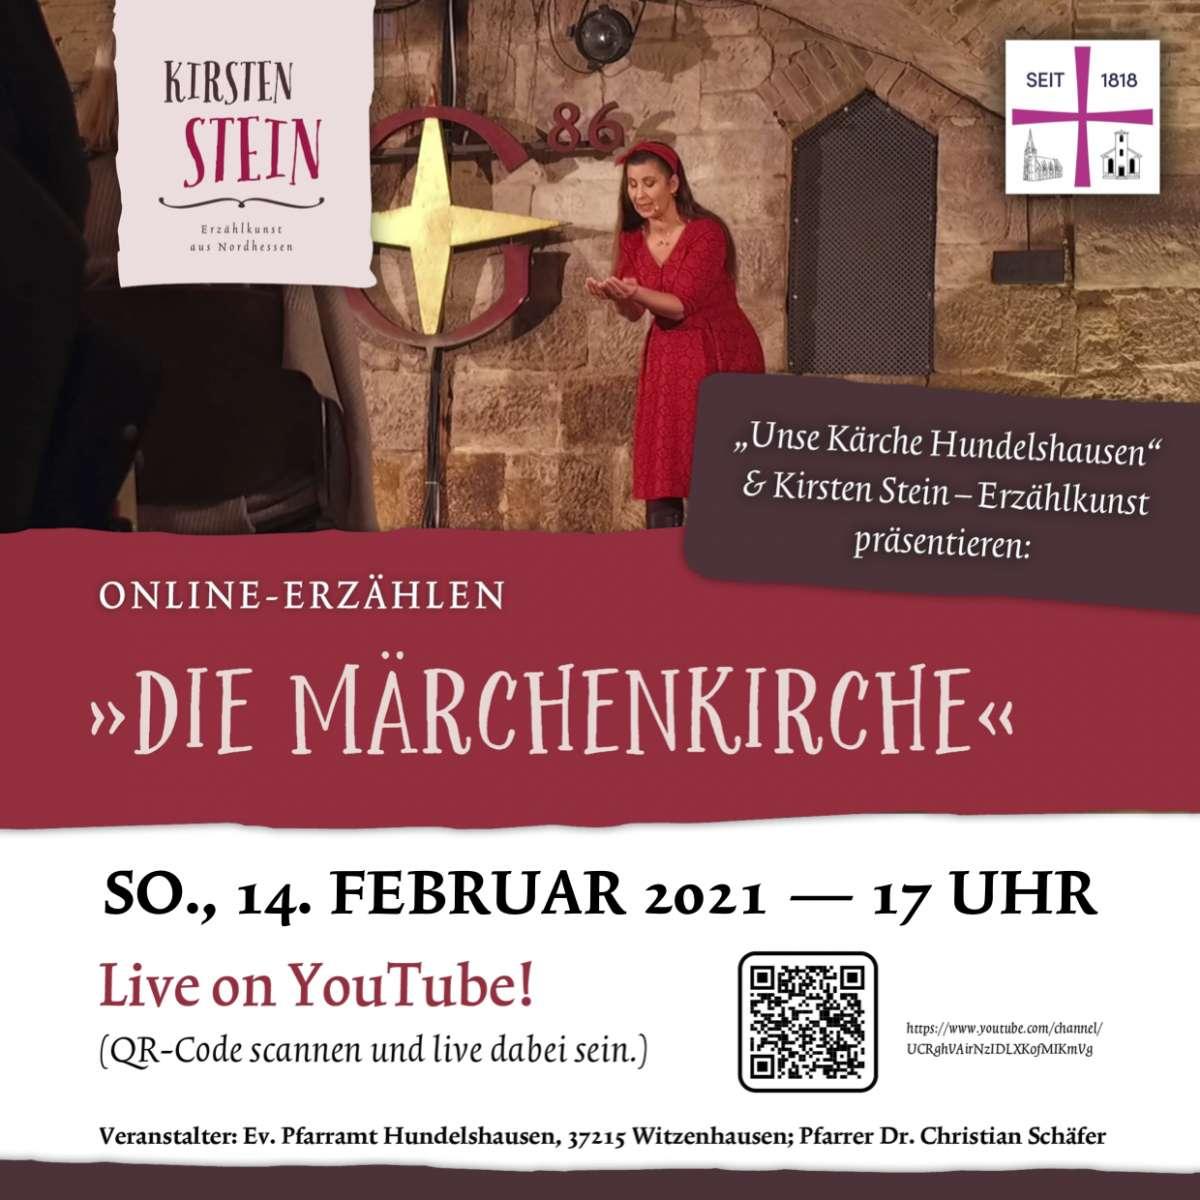 Veranstaltungen & Events am »Sonntag, 14. Februar 2021« in deiner Nähe...